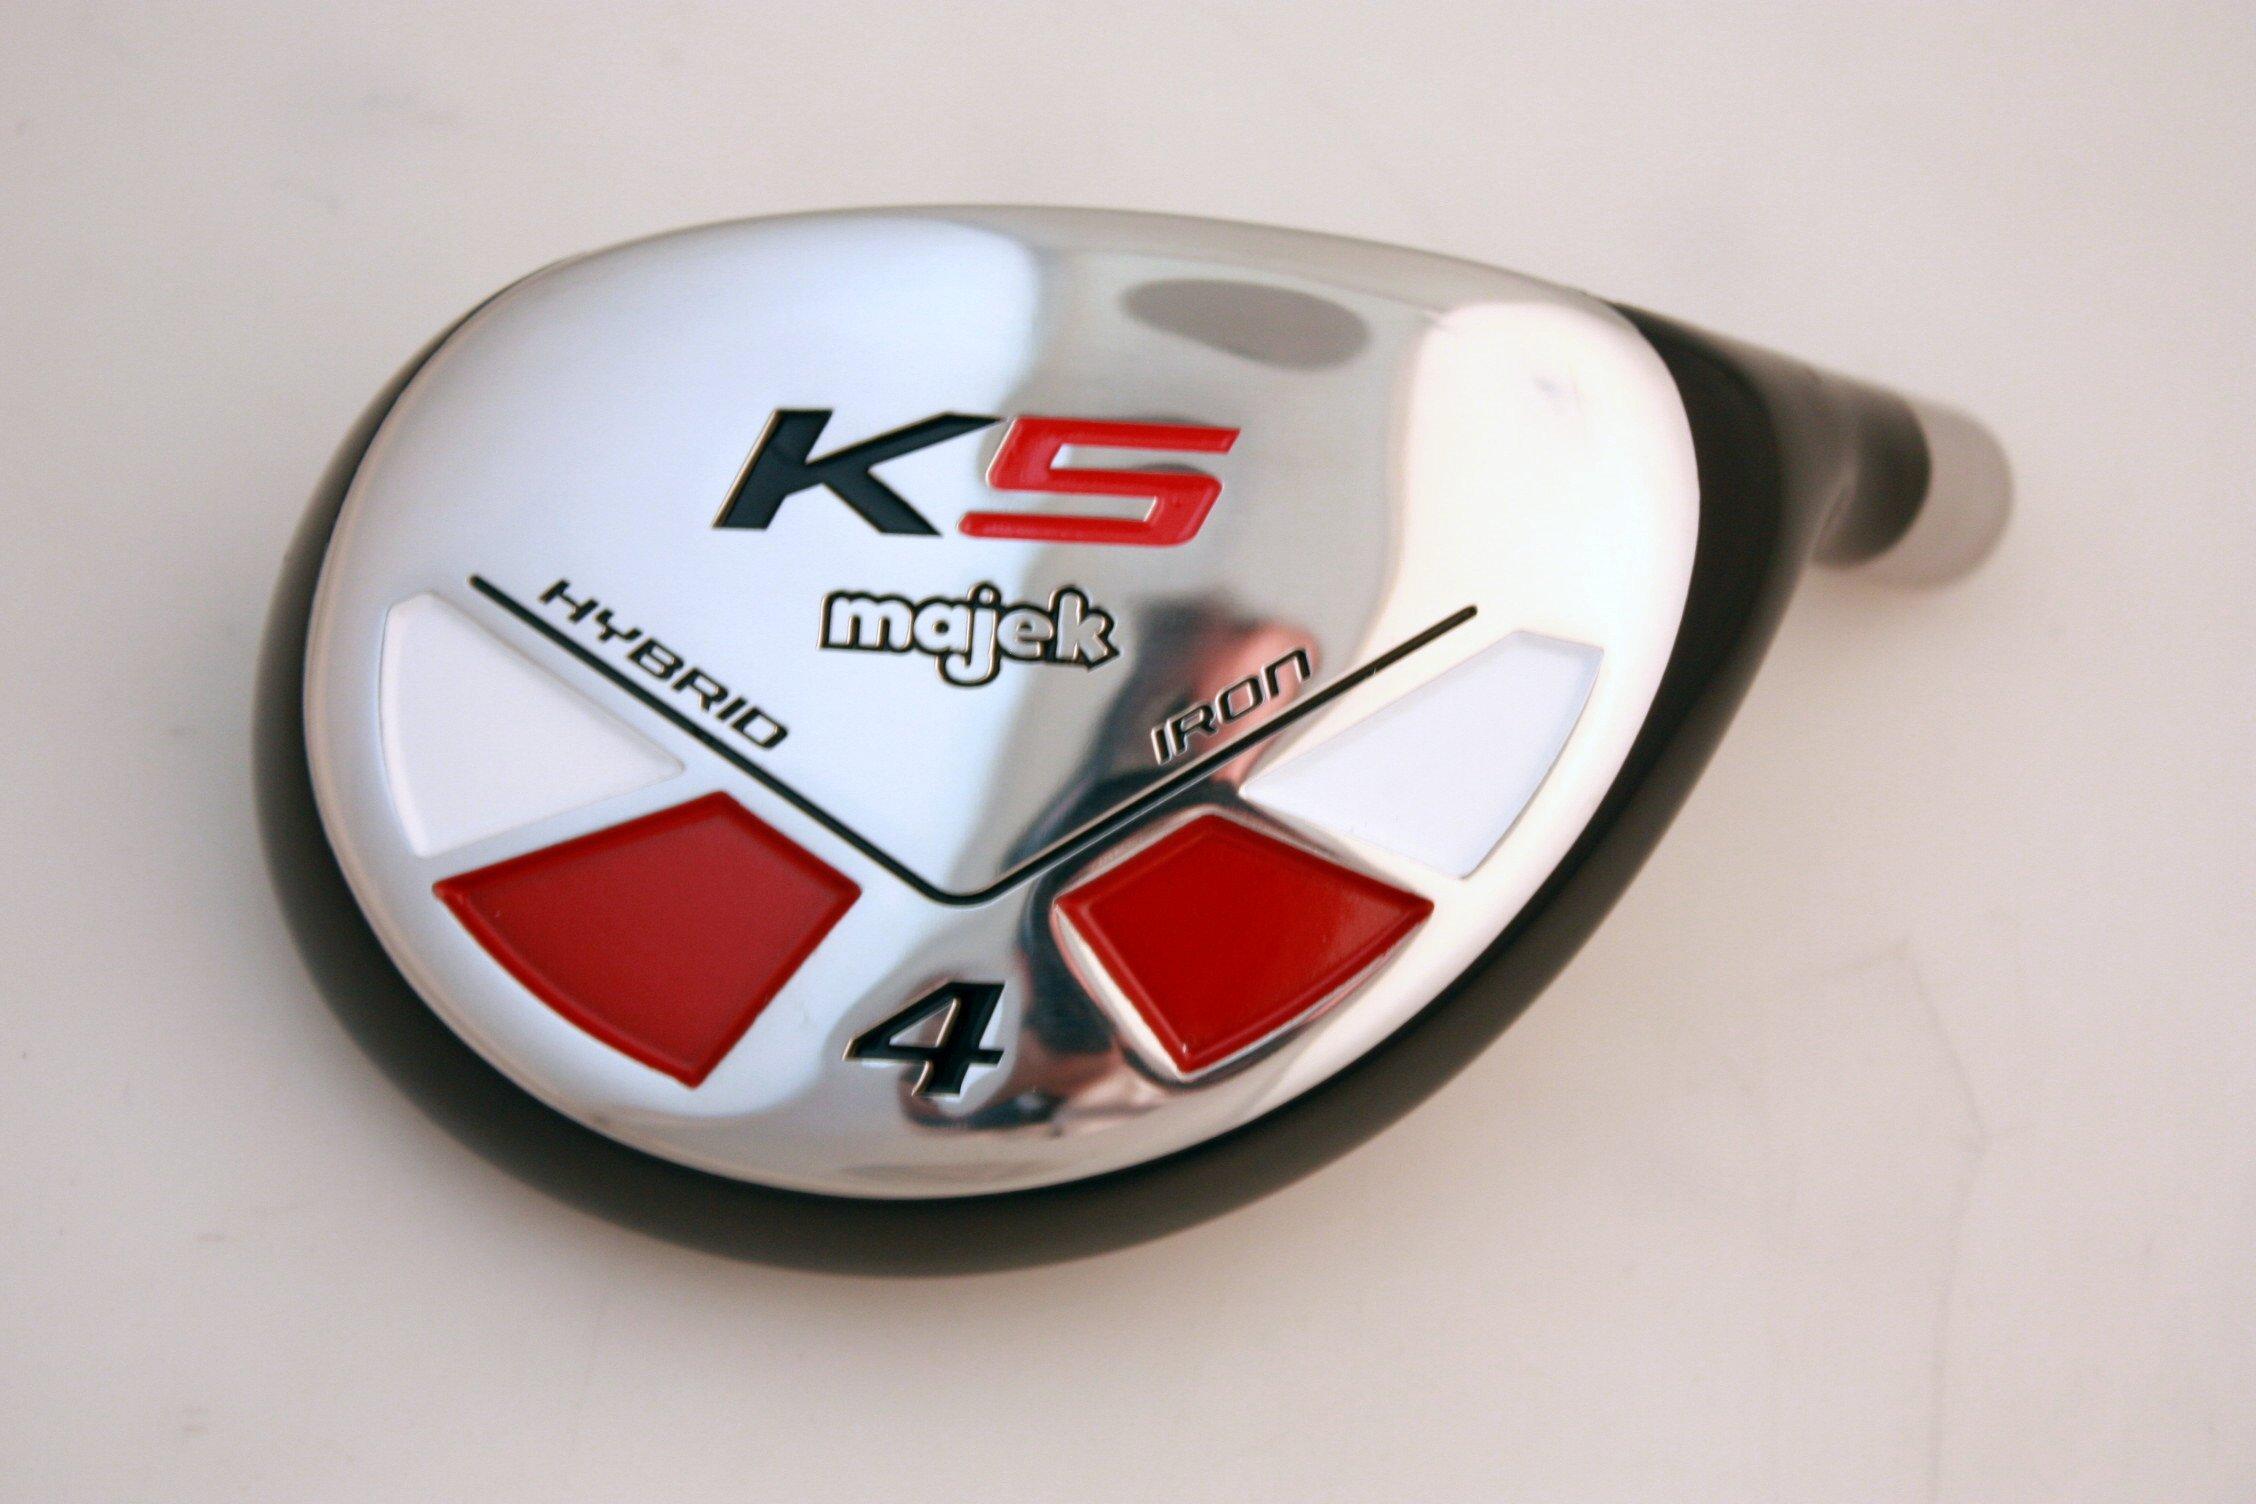 Majek Golf Big & Tall XL Extra Long All Hybrid #4 Stiff Flex Right Handed New Rescue Utility S Flex Club